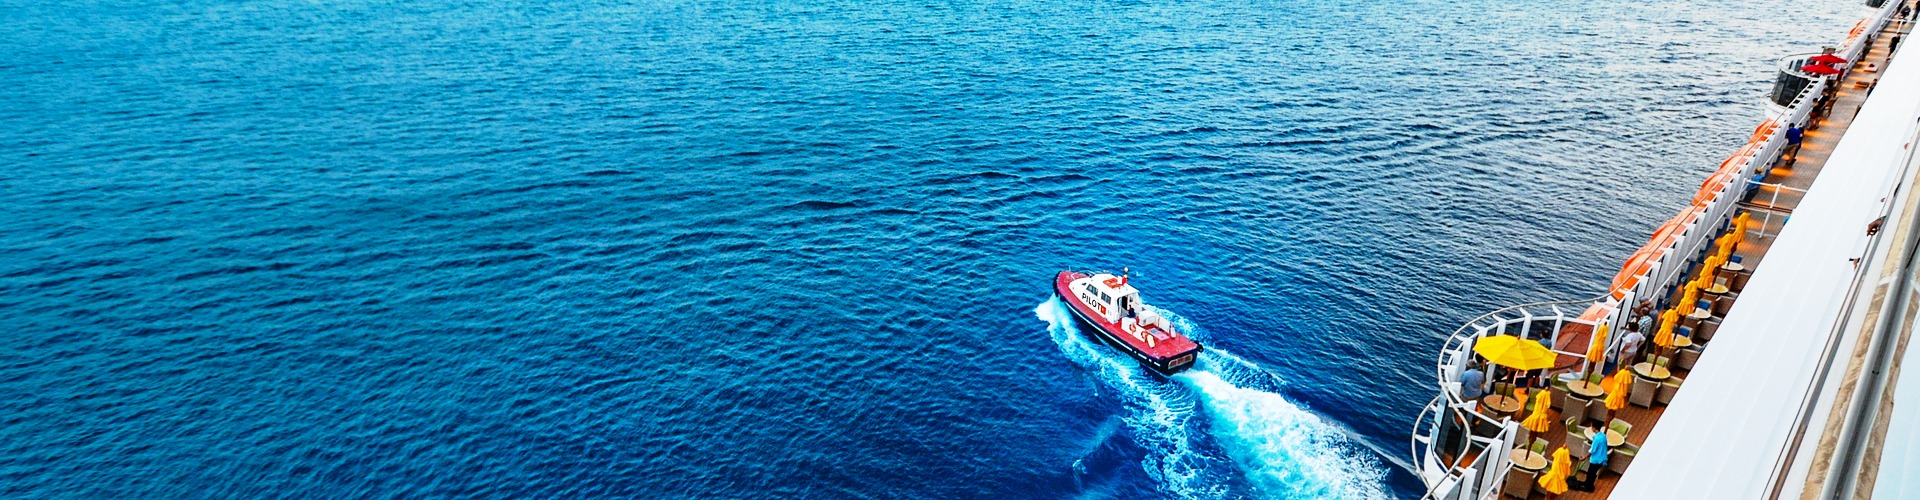 Vacances méditerranéennes: croisière